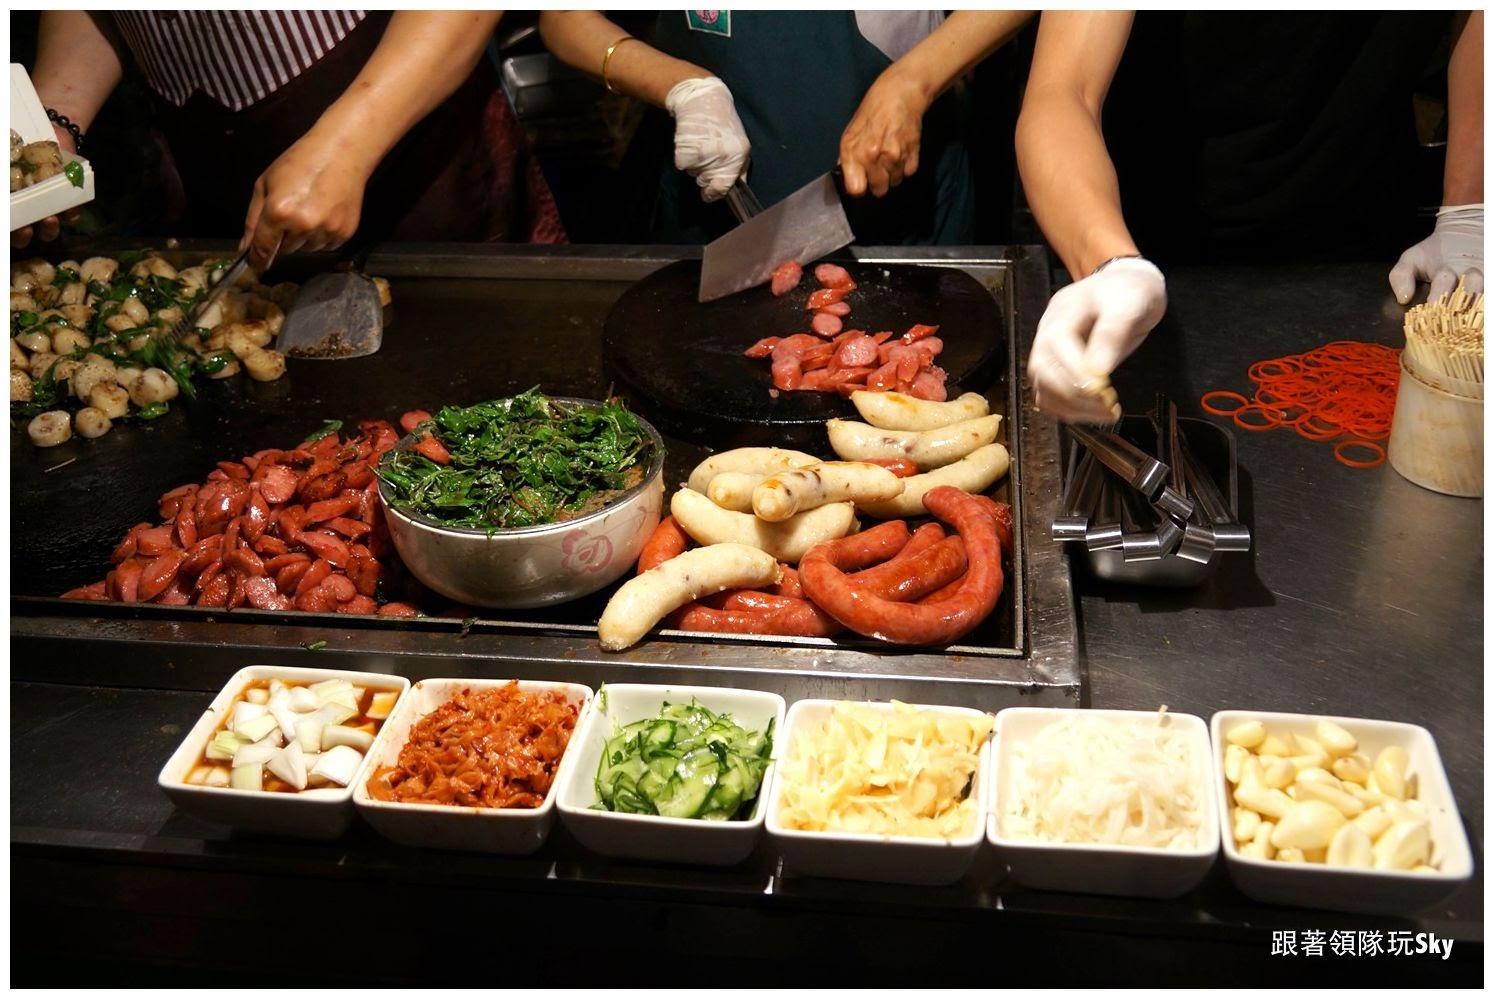 台南美食推薦【 紅妃香腸 大腸】鐵板香腸大腸花園夜市(食尚玩家推薦)